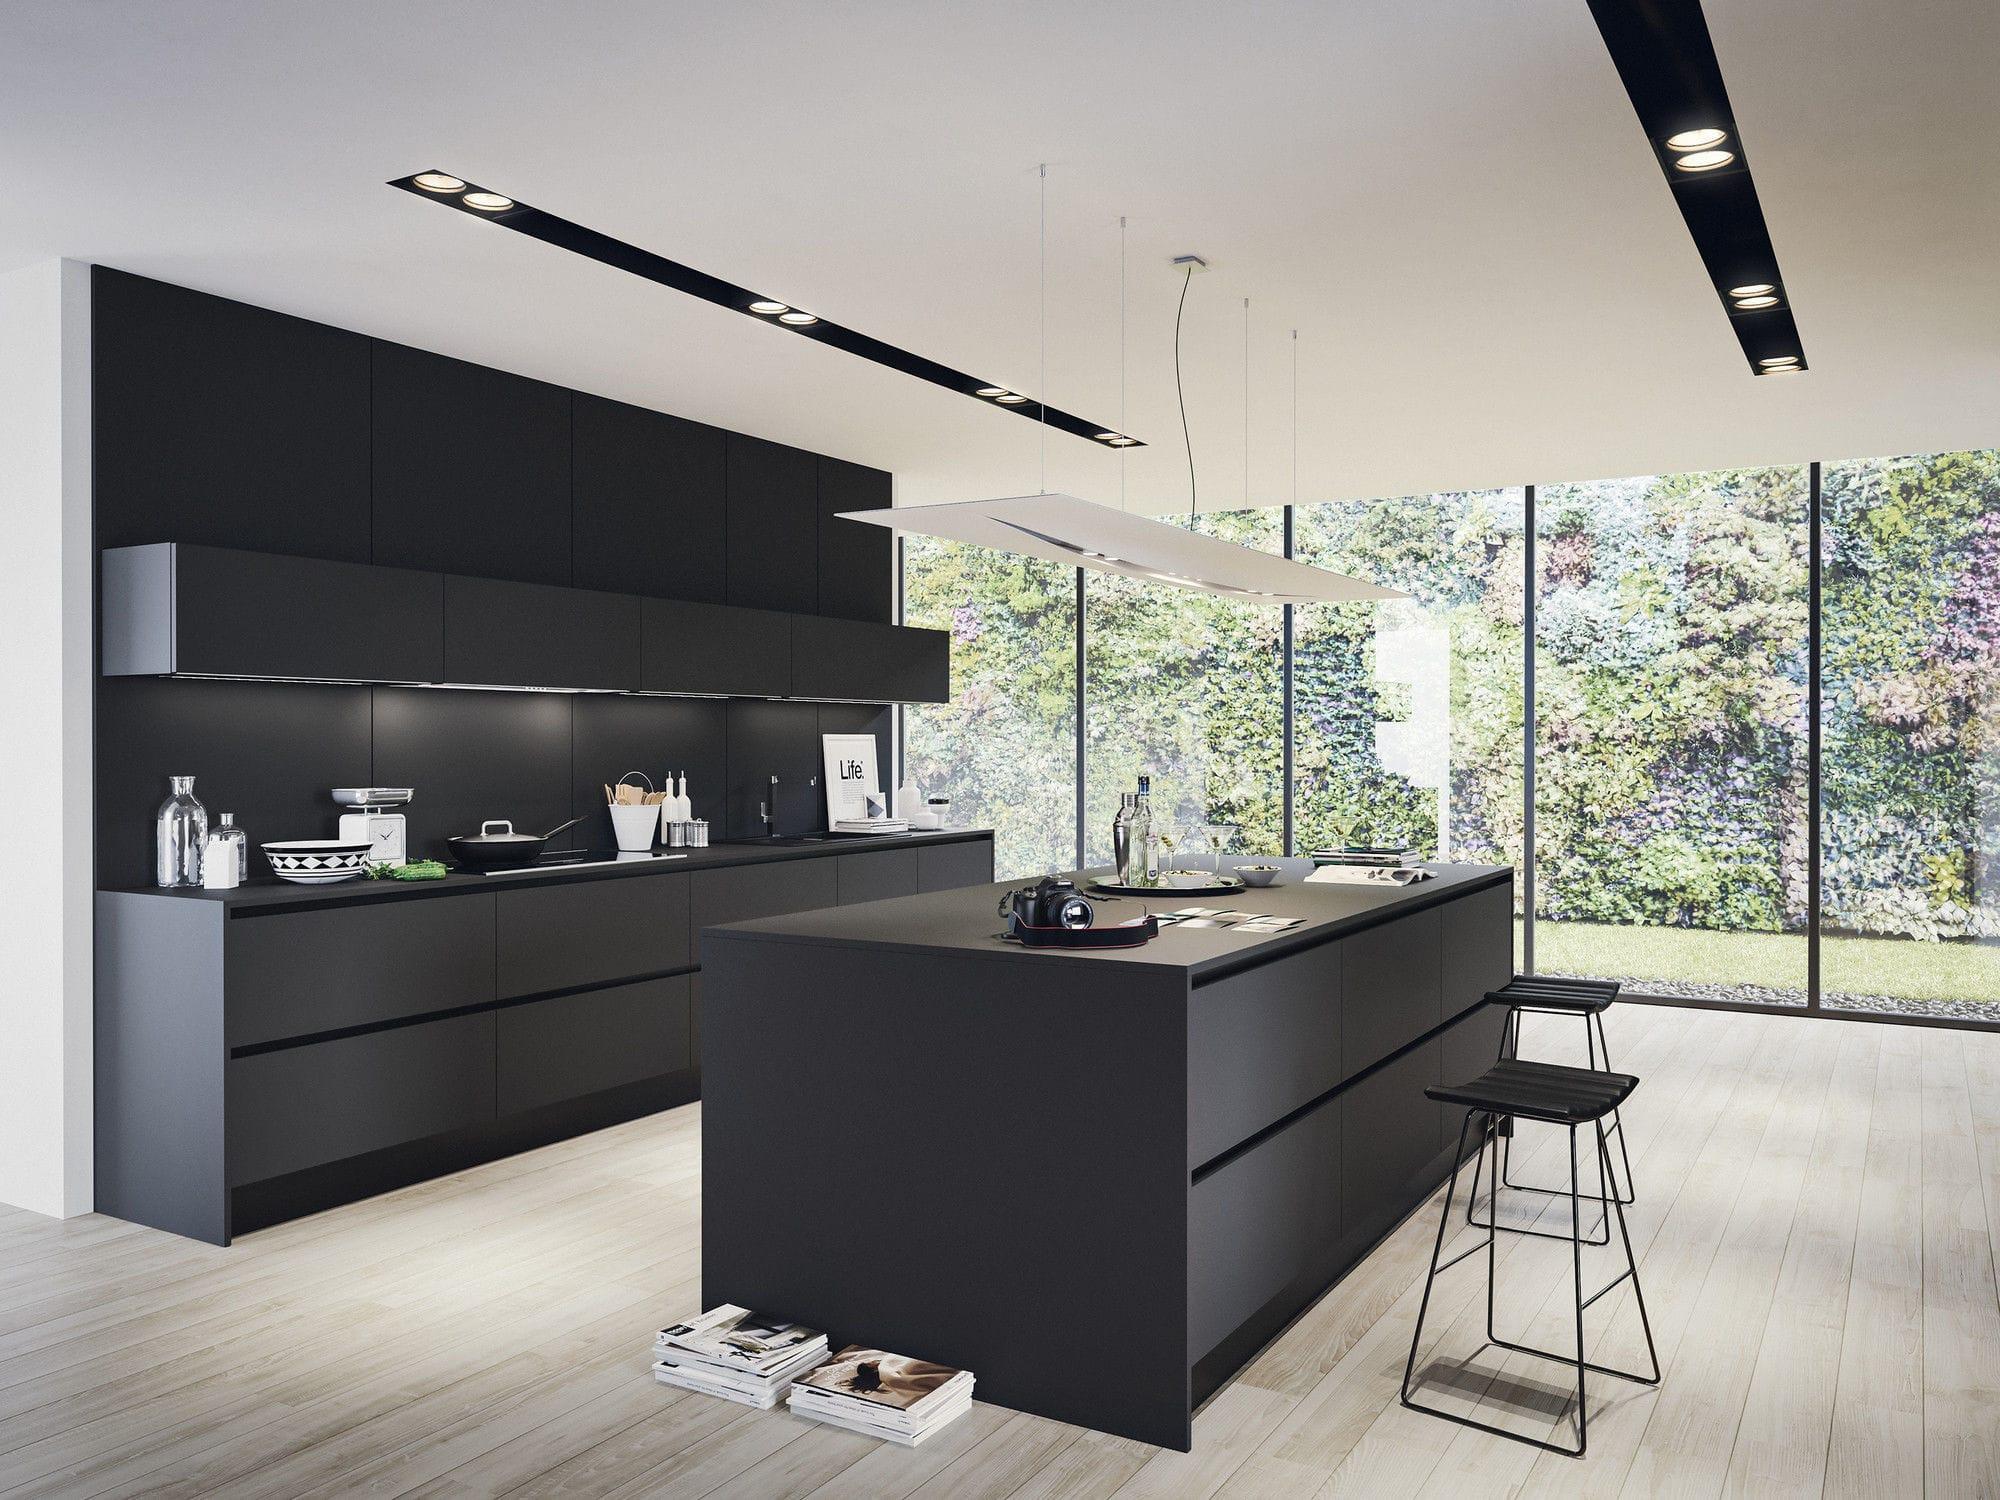 Cucina moderna / in laminato / con isola / opaca - LAMINA 1.0 ...